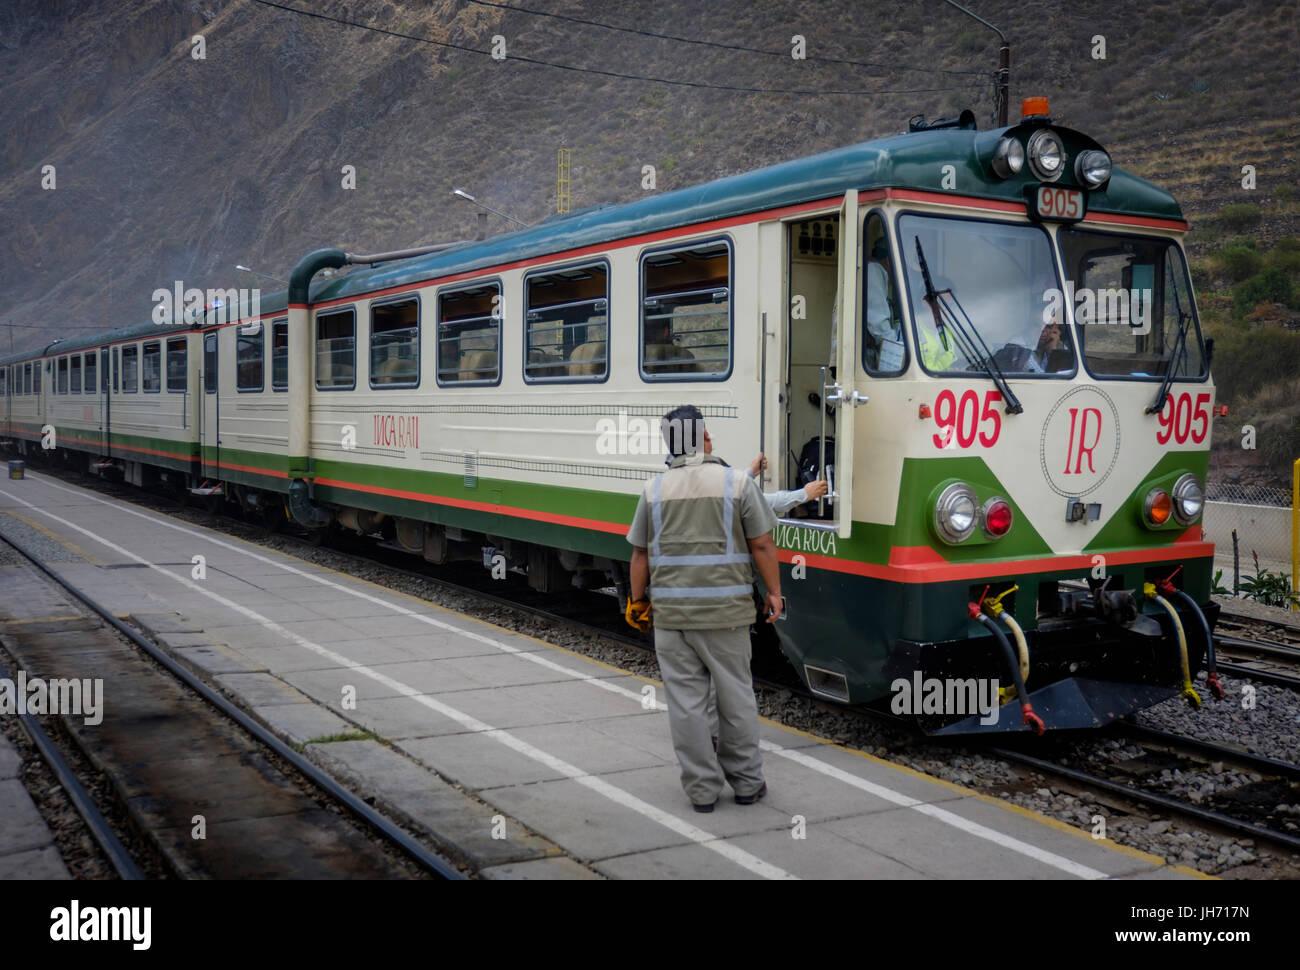 OLLANTAYTAMBO, PERU - CIRCA OCTOBER 2015:  Train of the Inca Rail at the Ollantaytambo station in sacred Valley - Stock Image